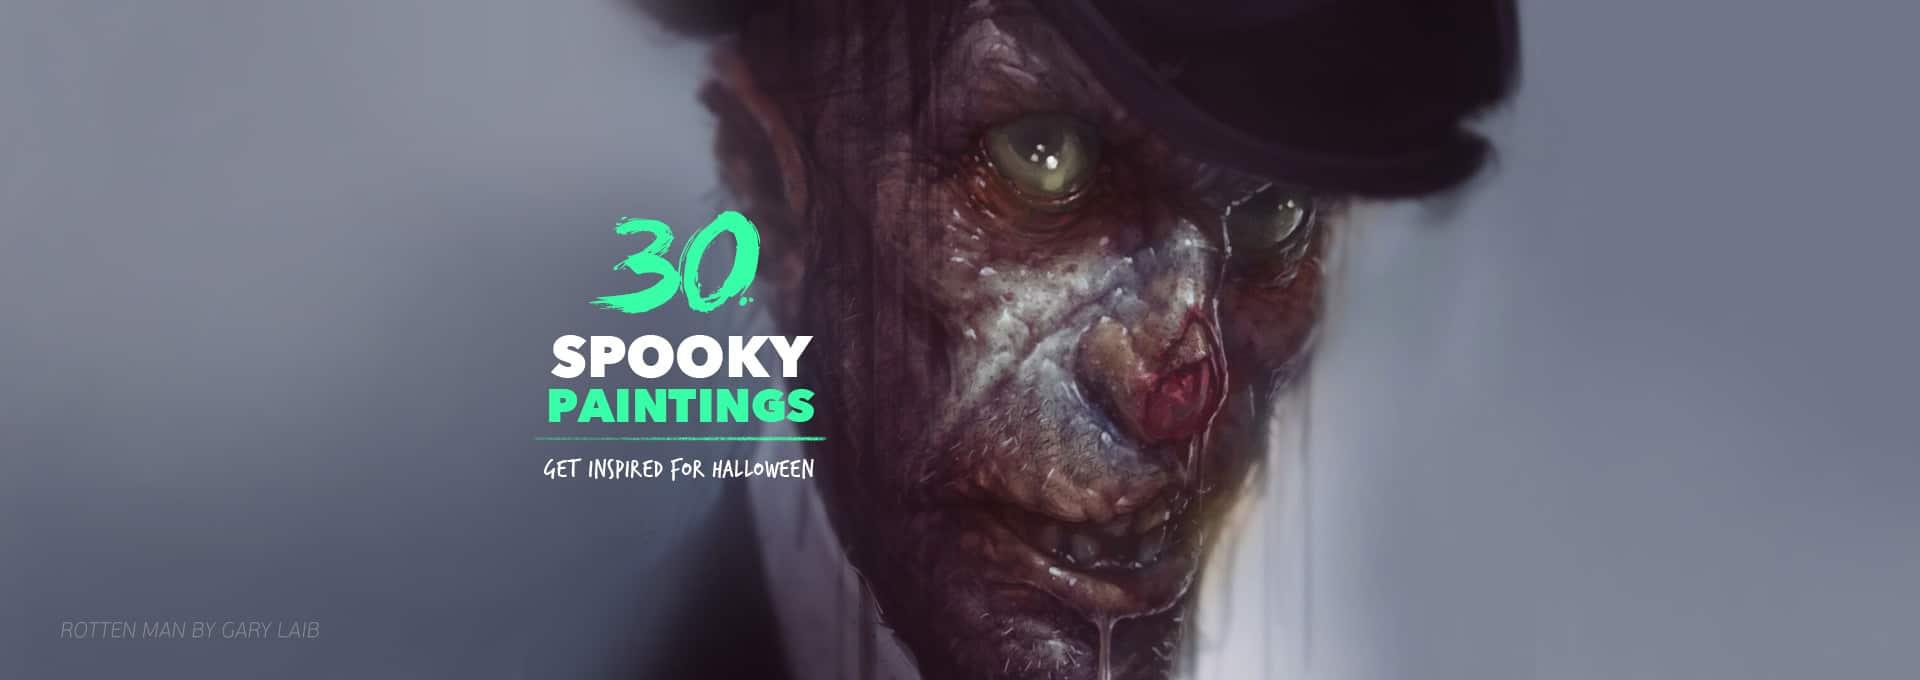 30 Spooky Digital Paintings - Paintable